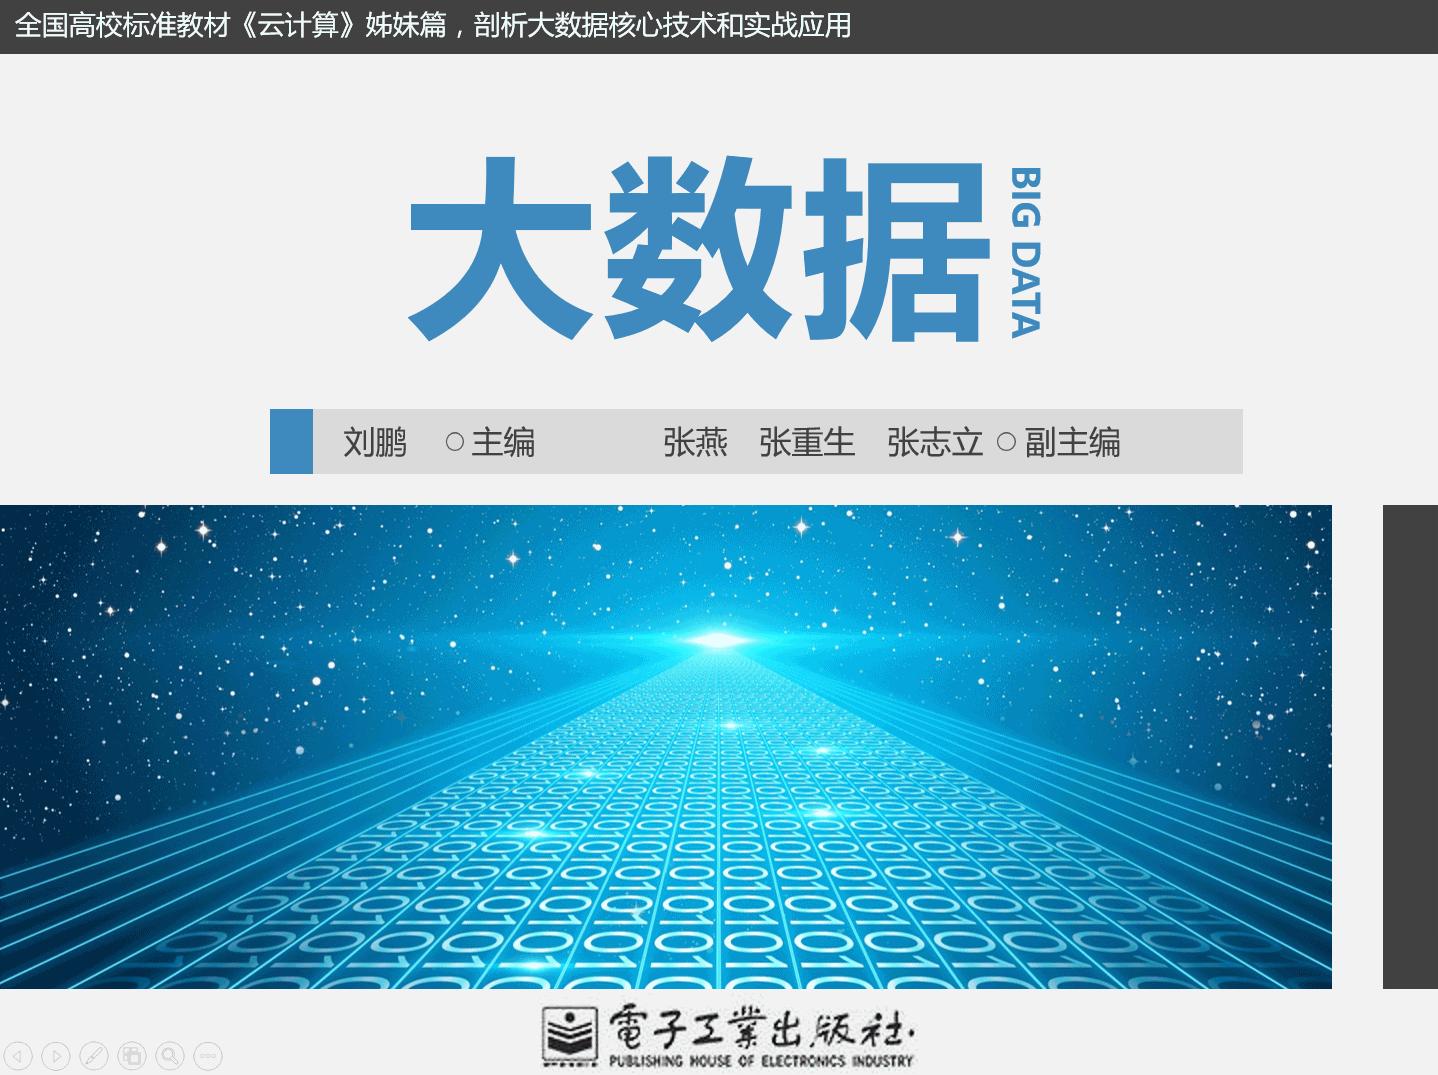 刘鹏-第4章 大数据挖掘工具